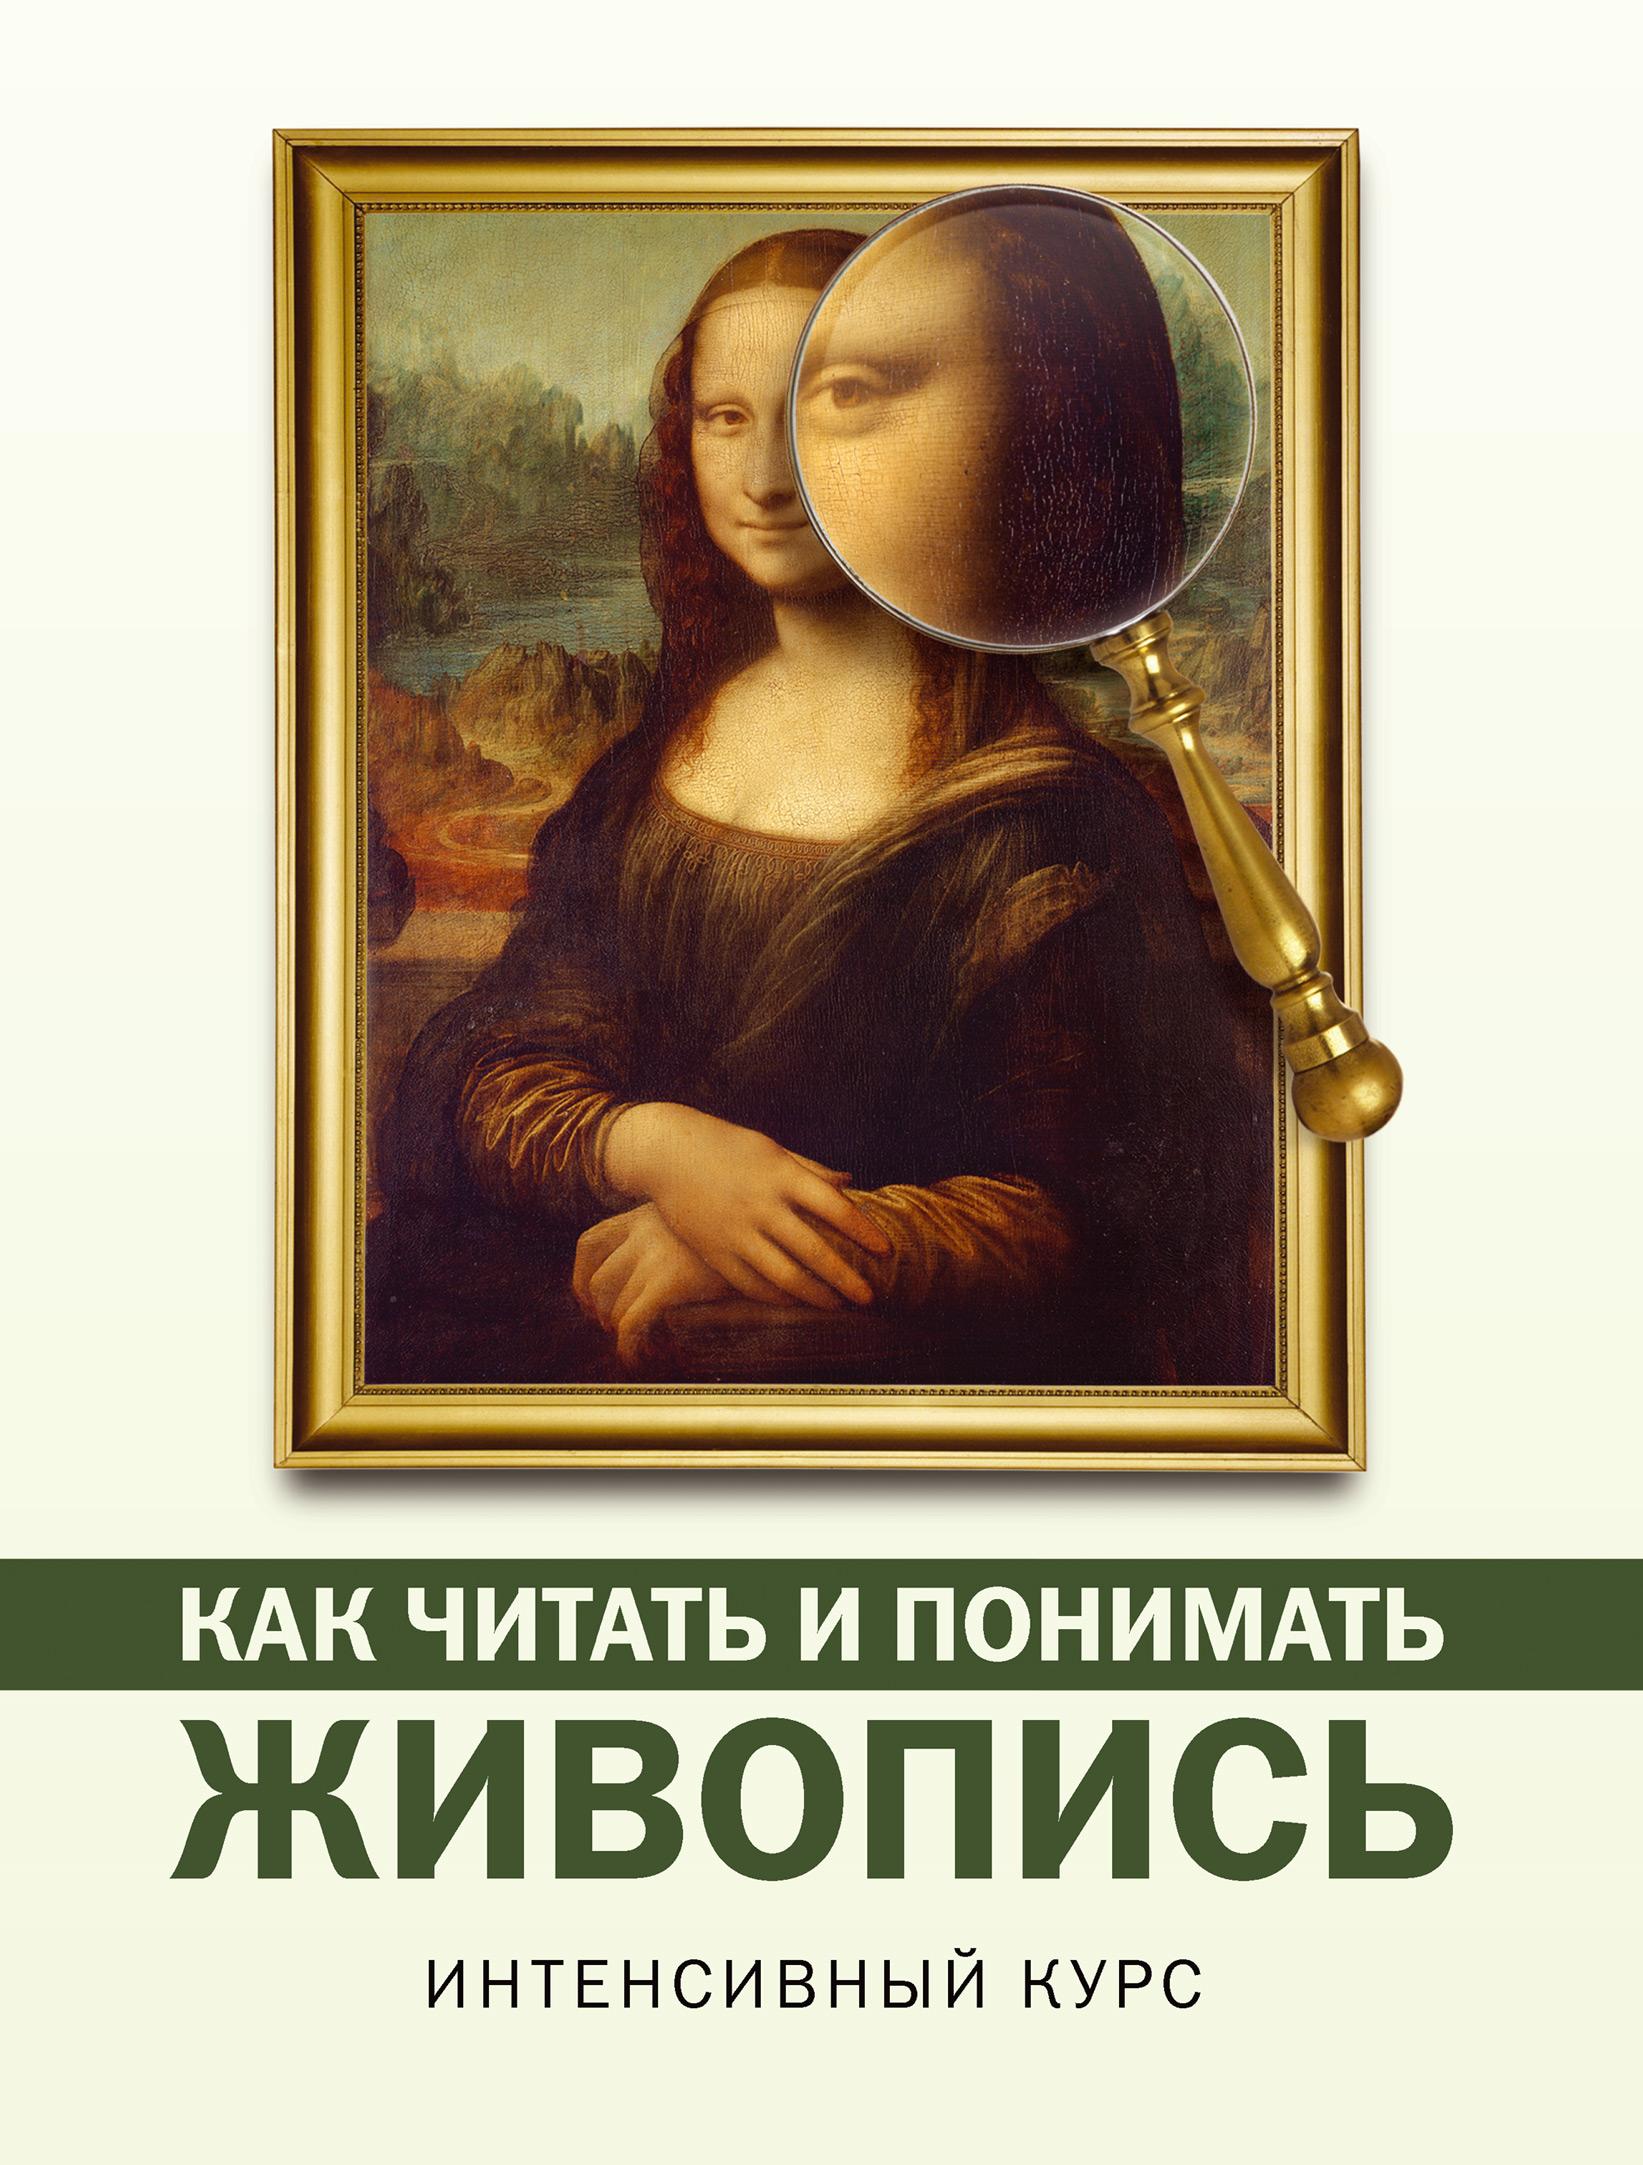 Наталья Кортунова Как читать и понимать живопись. Интенсивный курс райдил л как читать живопись интенсивный курс по западноевропейской живописи isbn 9785386080181